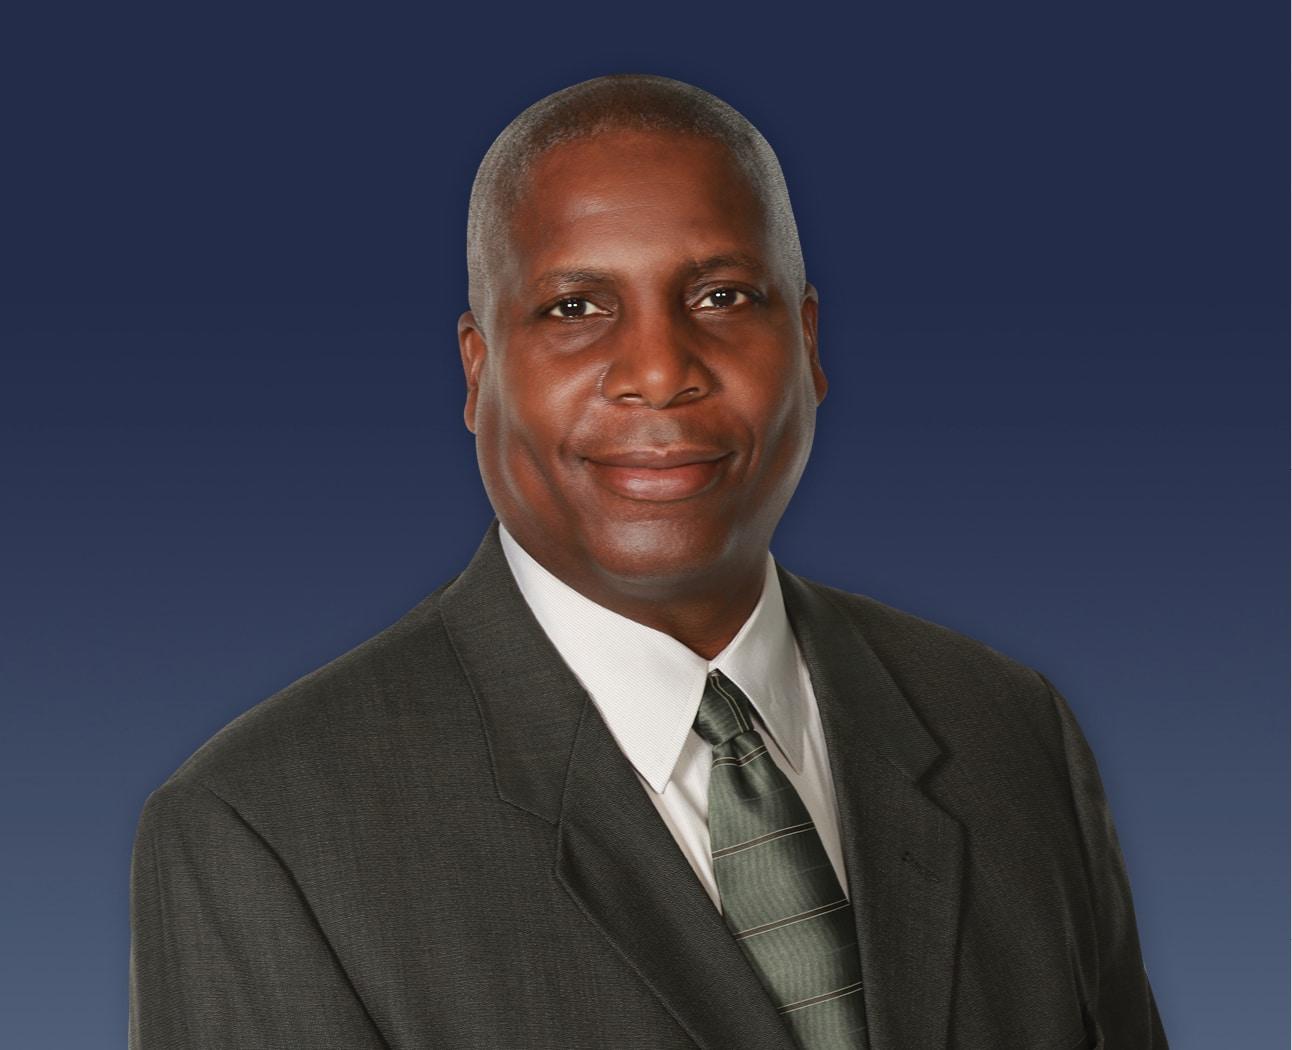 Attorney Alfred Washington Jr